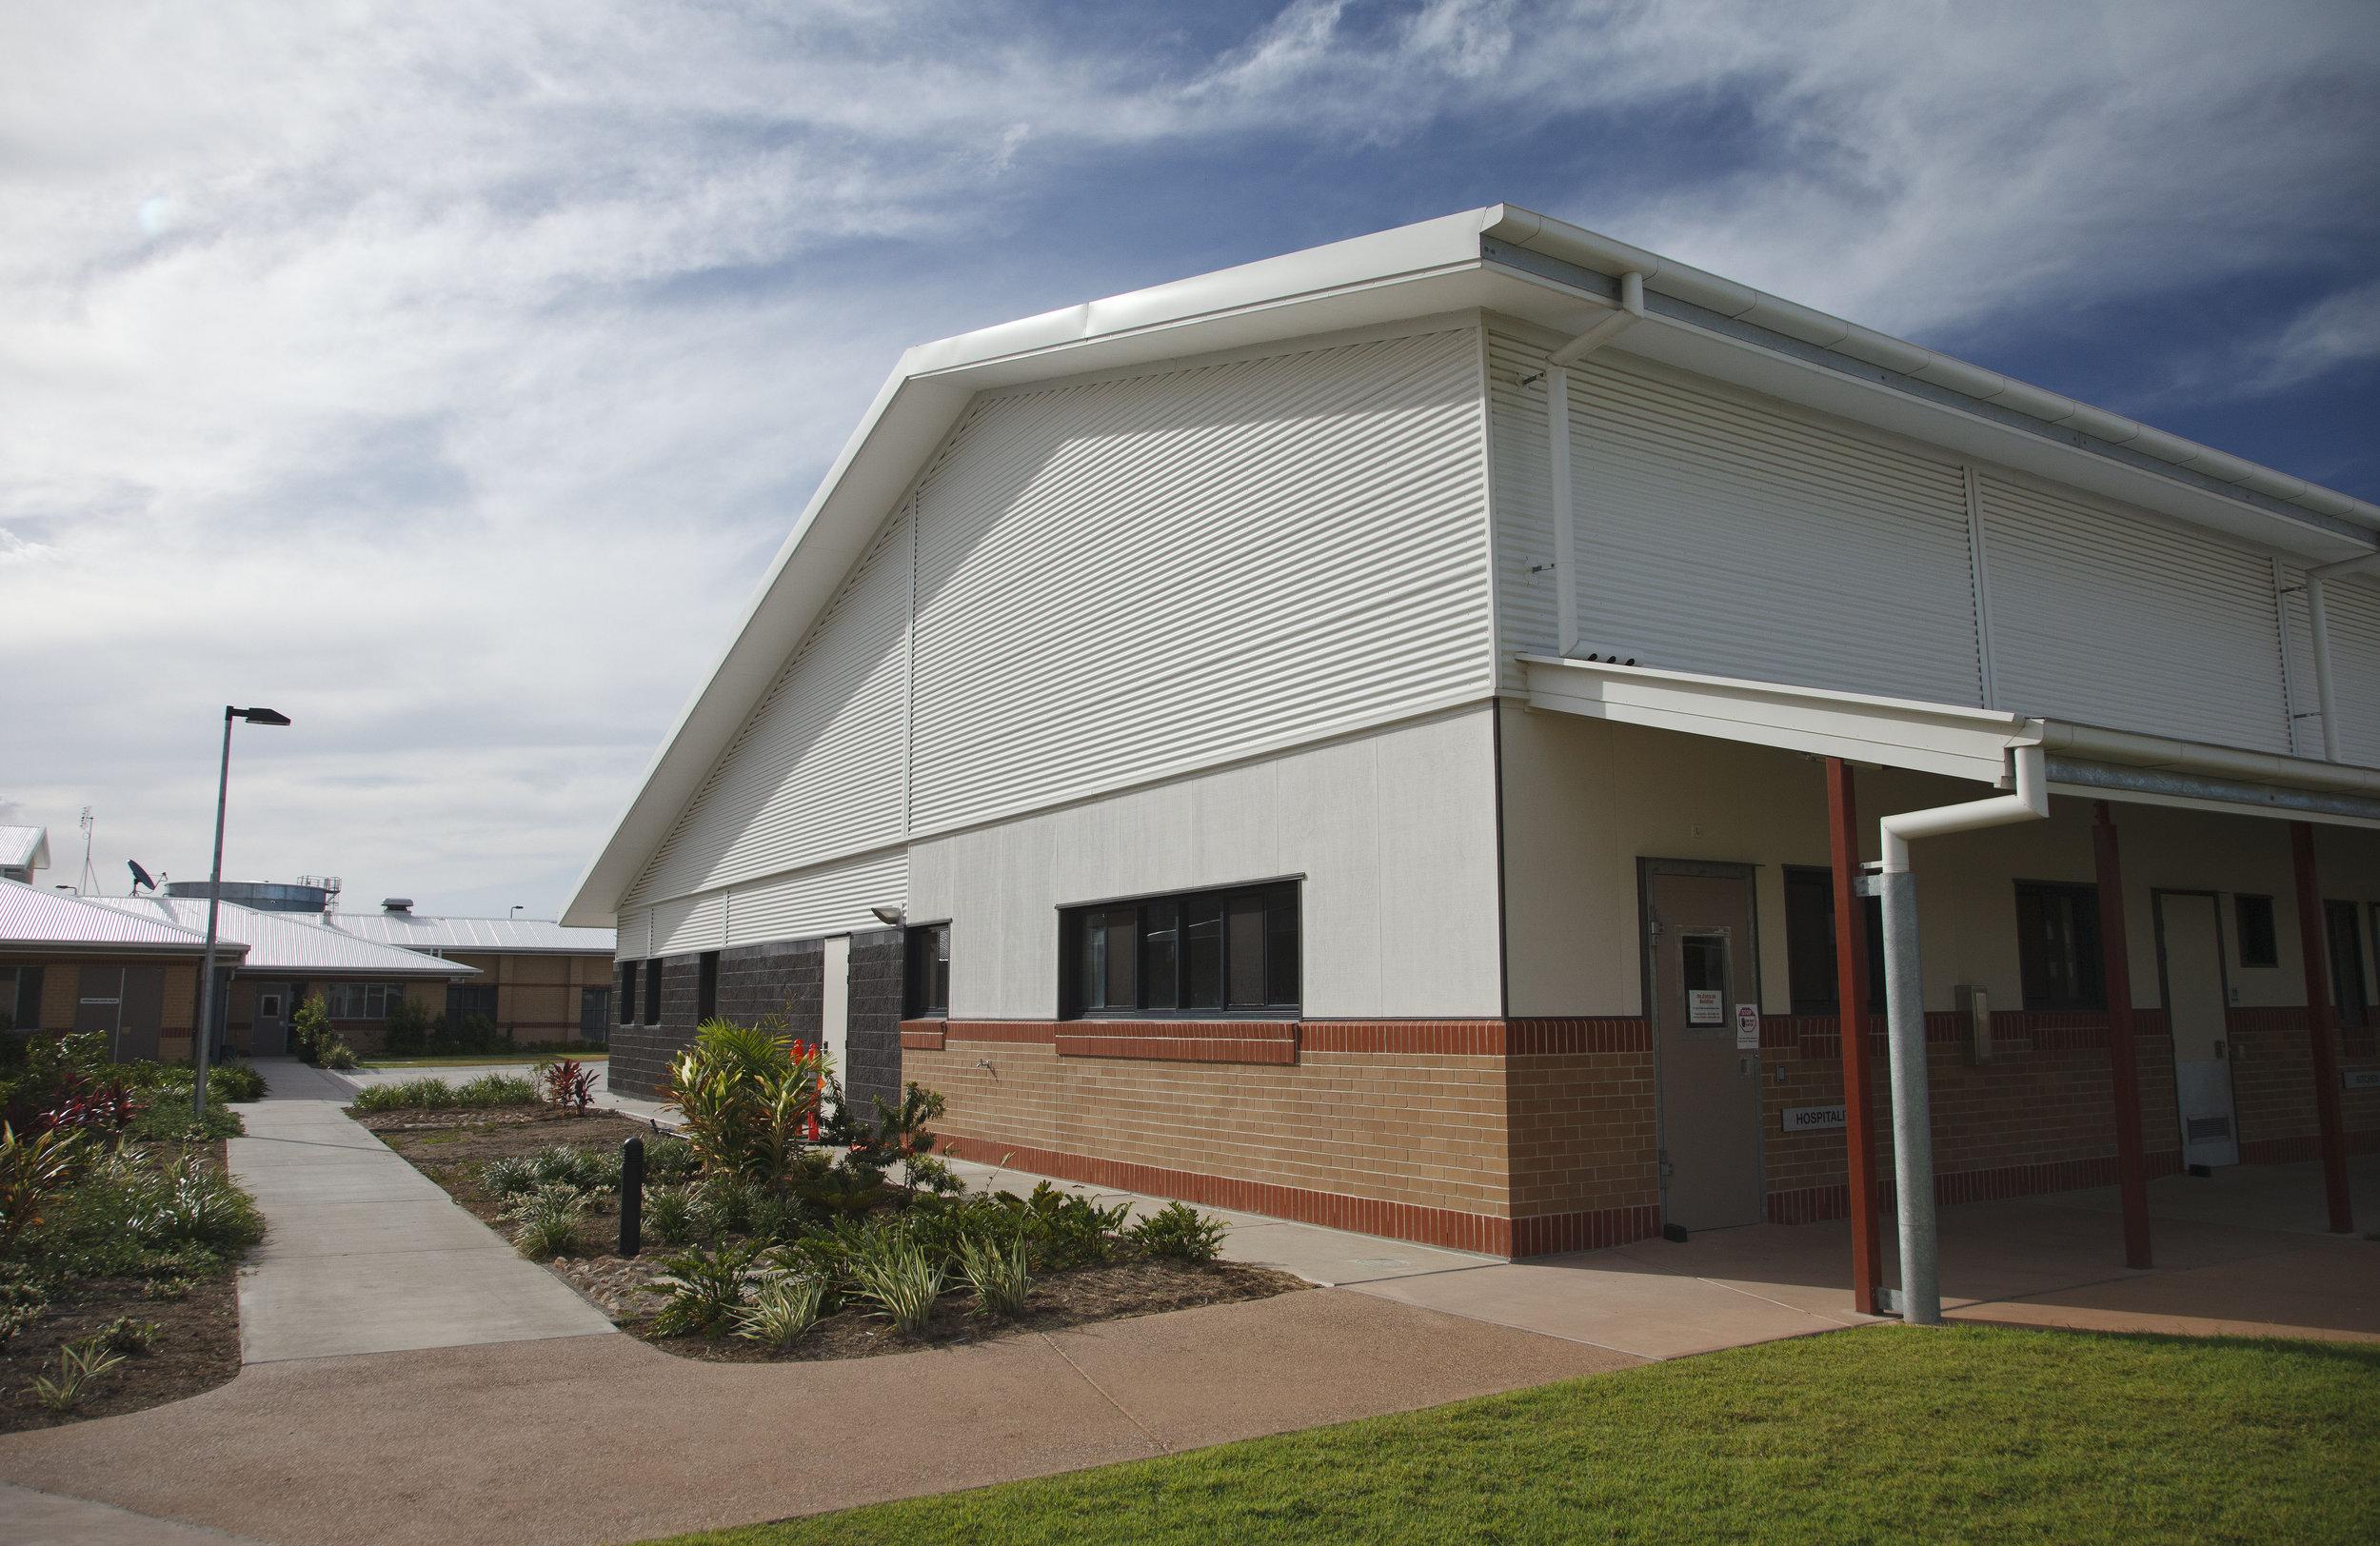 Far-north-qld-youth-detention-guymer-bailey-6.jpg